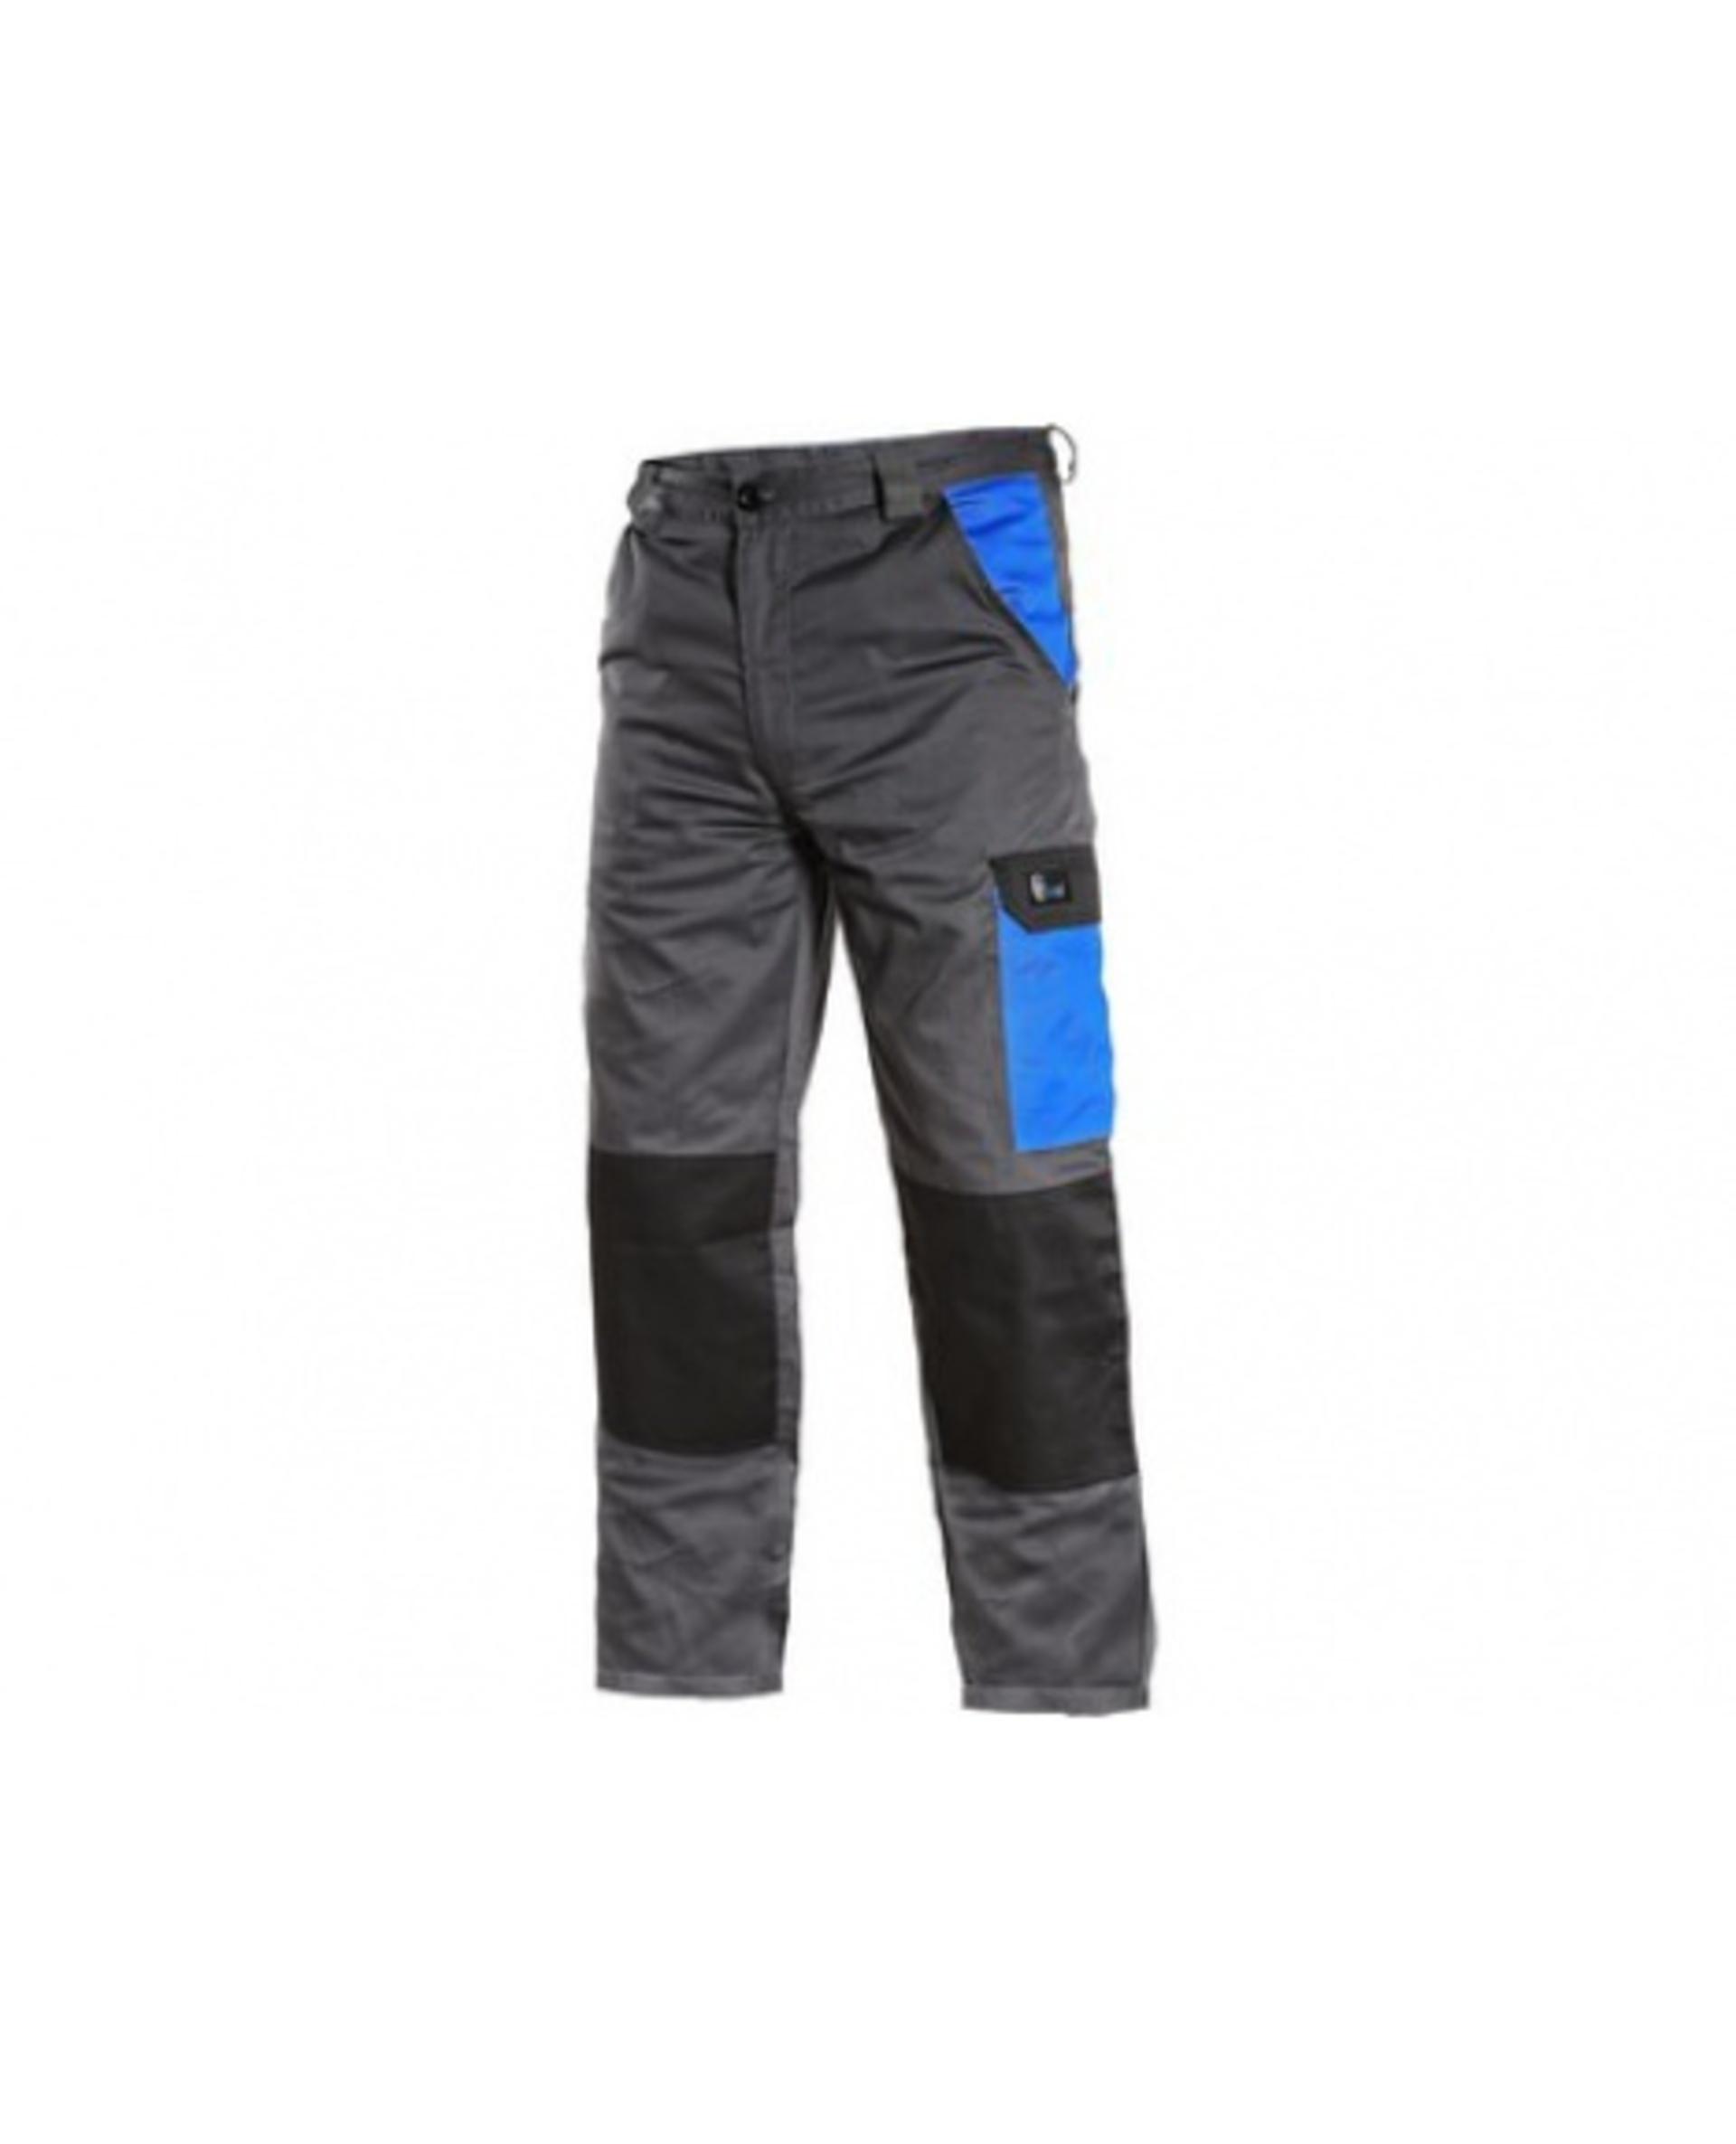 CXS PHOENIX CEFEUS pánské Kalhoty pracovní do pasu šedá/modrá 54